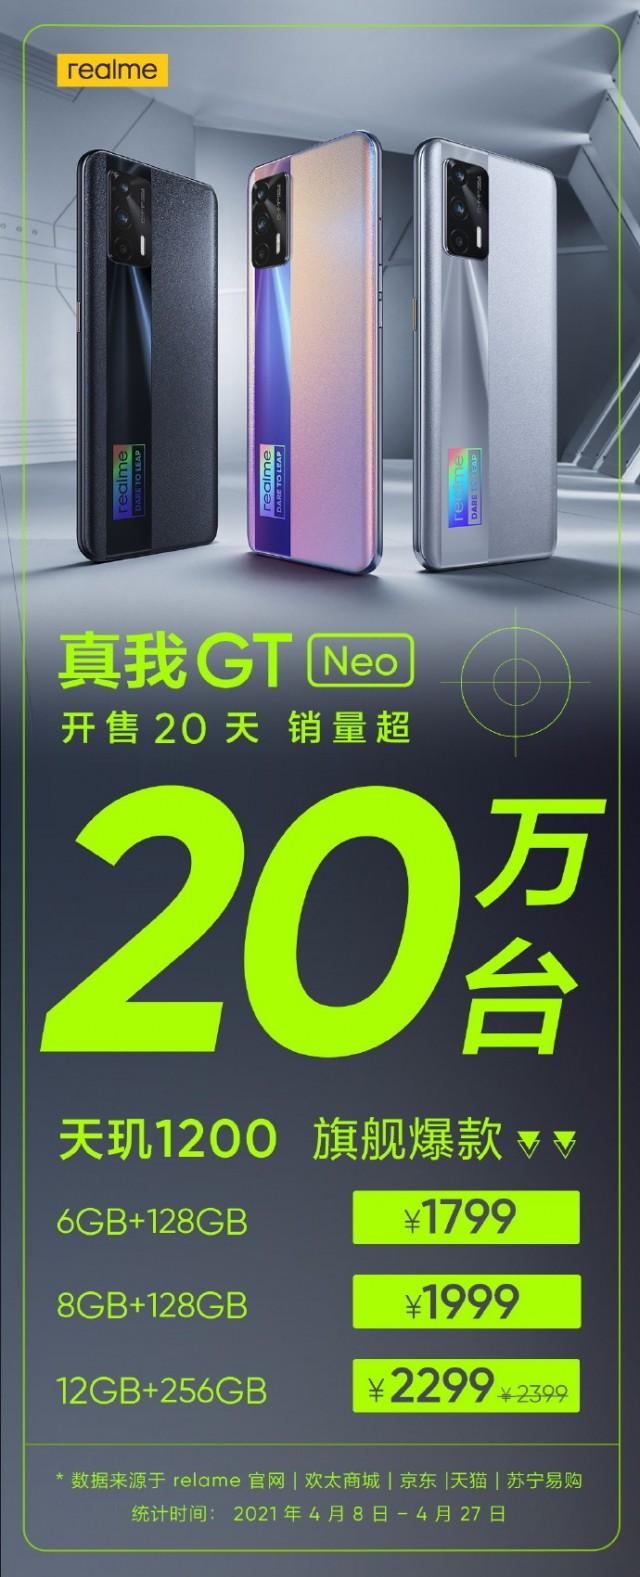 Realme продает 10 000 смартфонов GT Neo каждый день